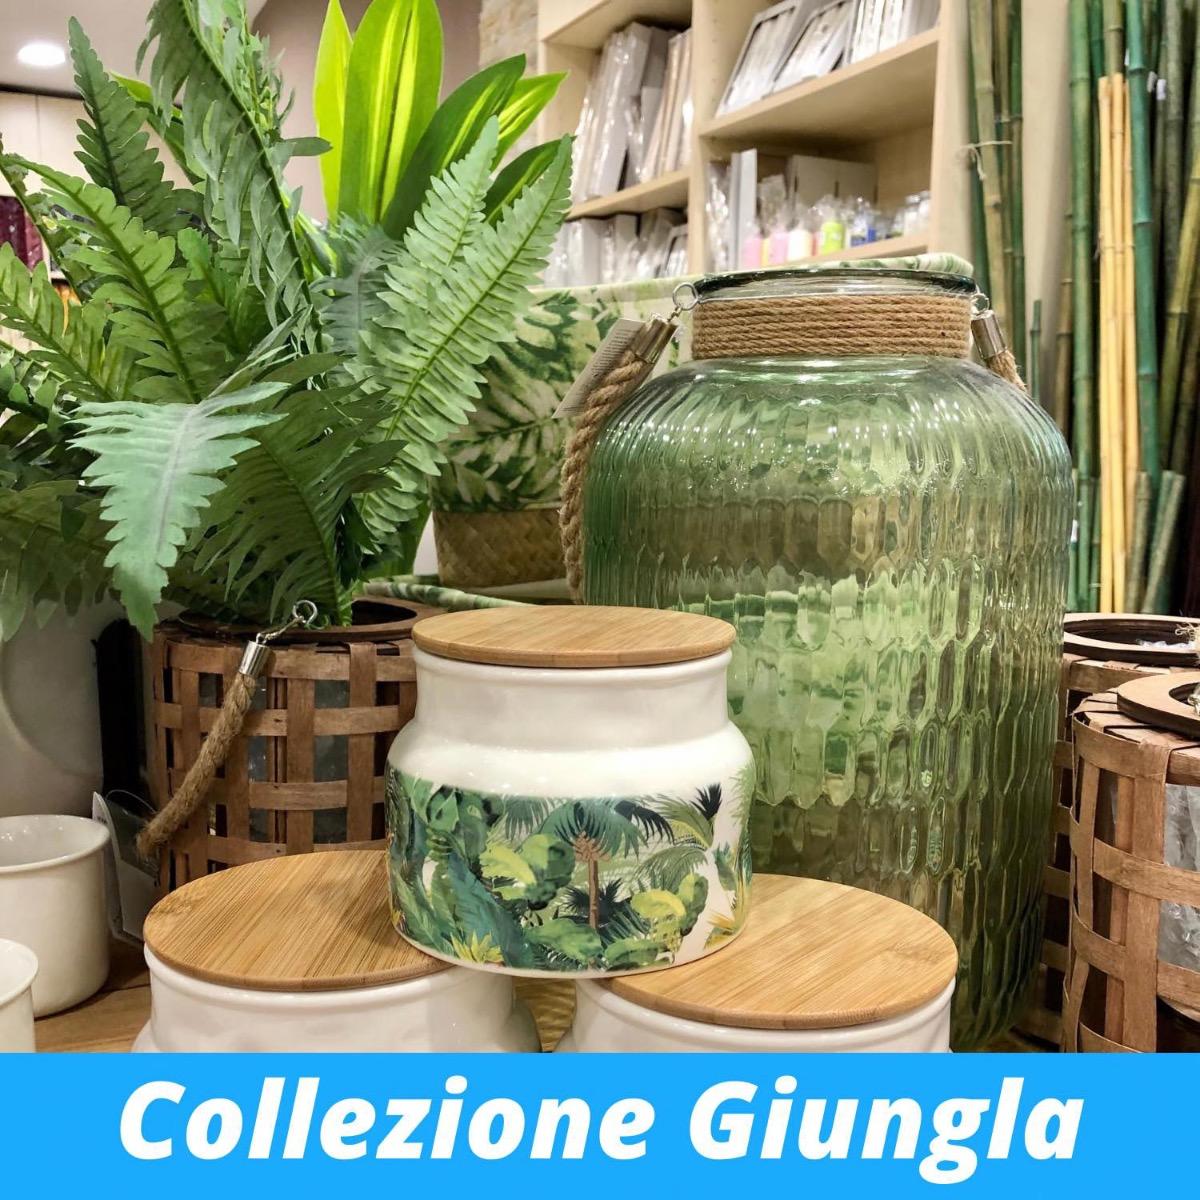 collezione giungla